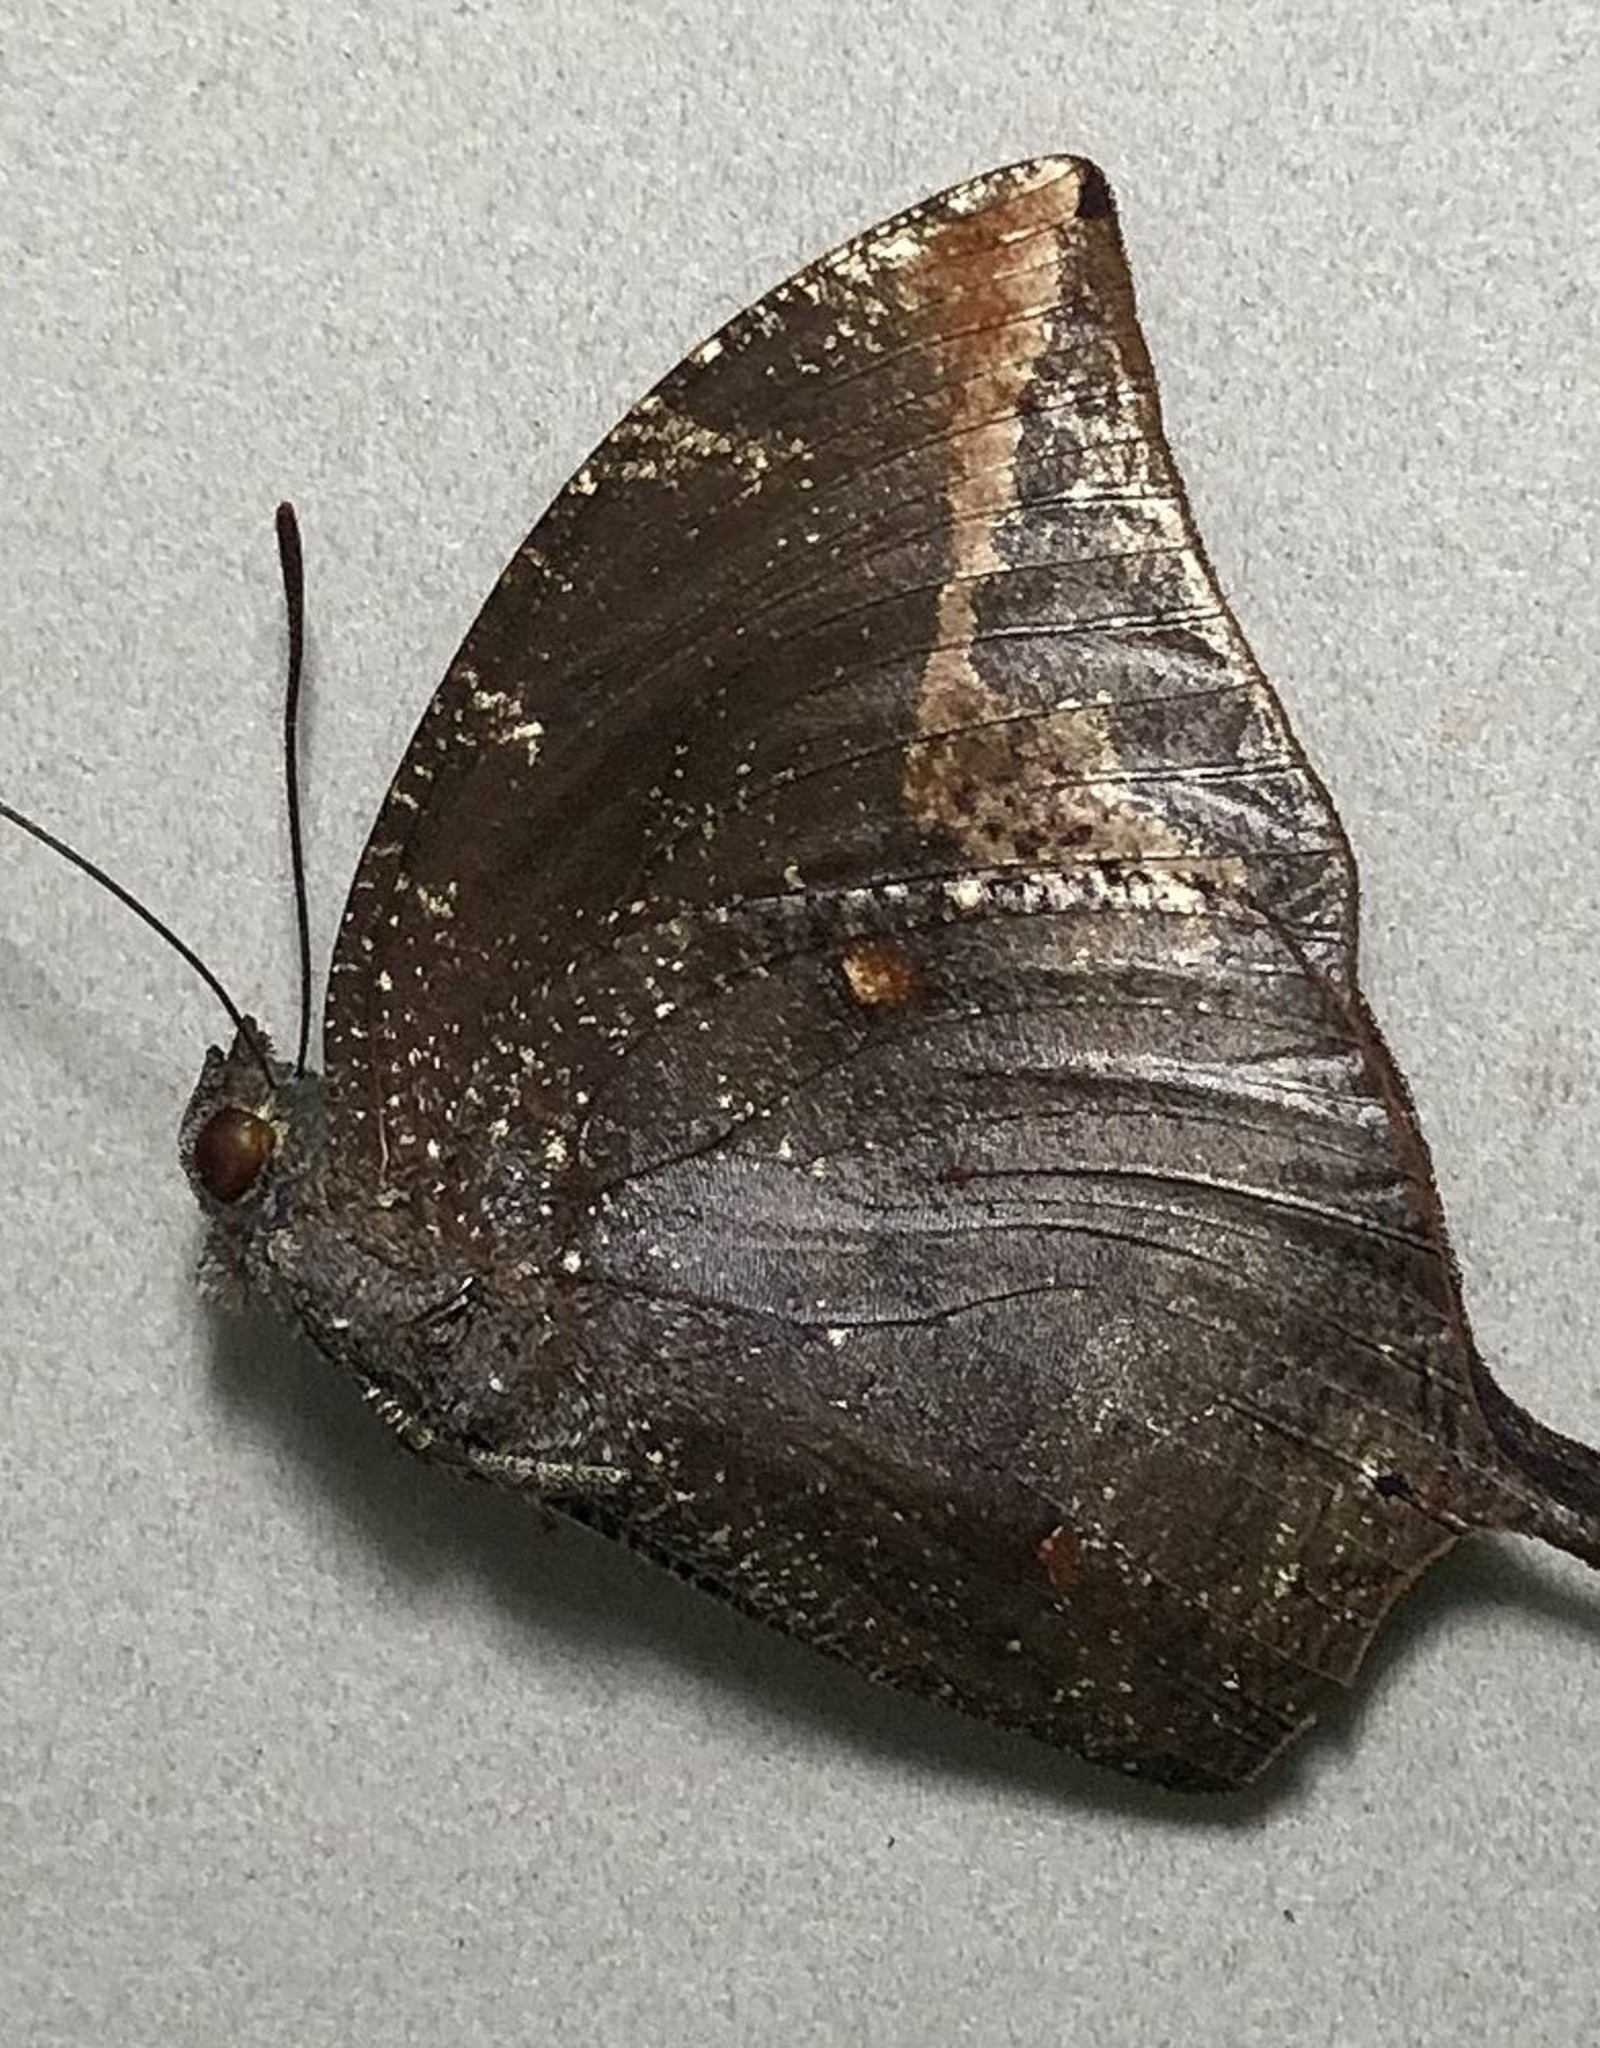 Memphis arachne psammis M A1- UHV, Peru